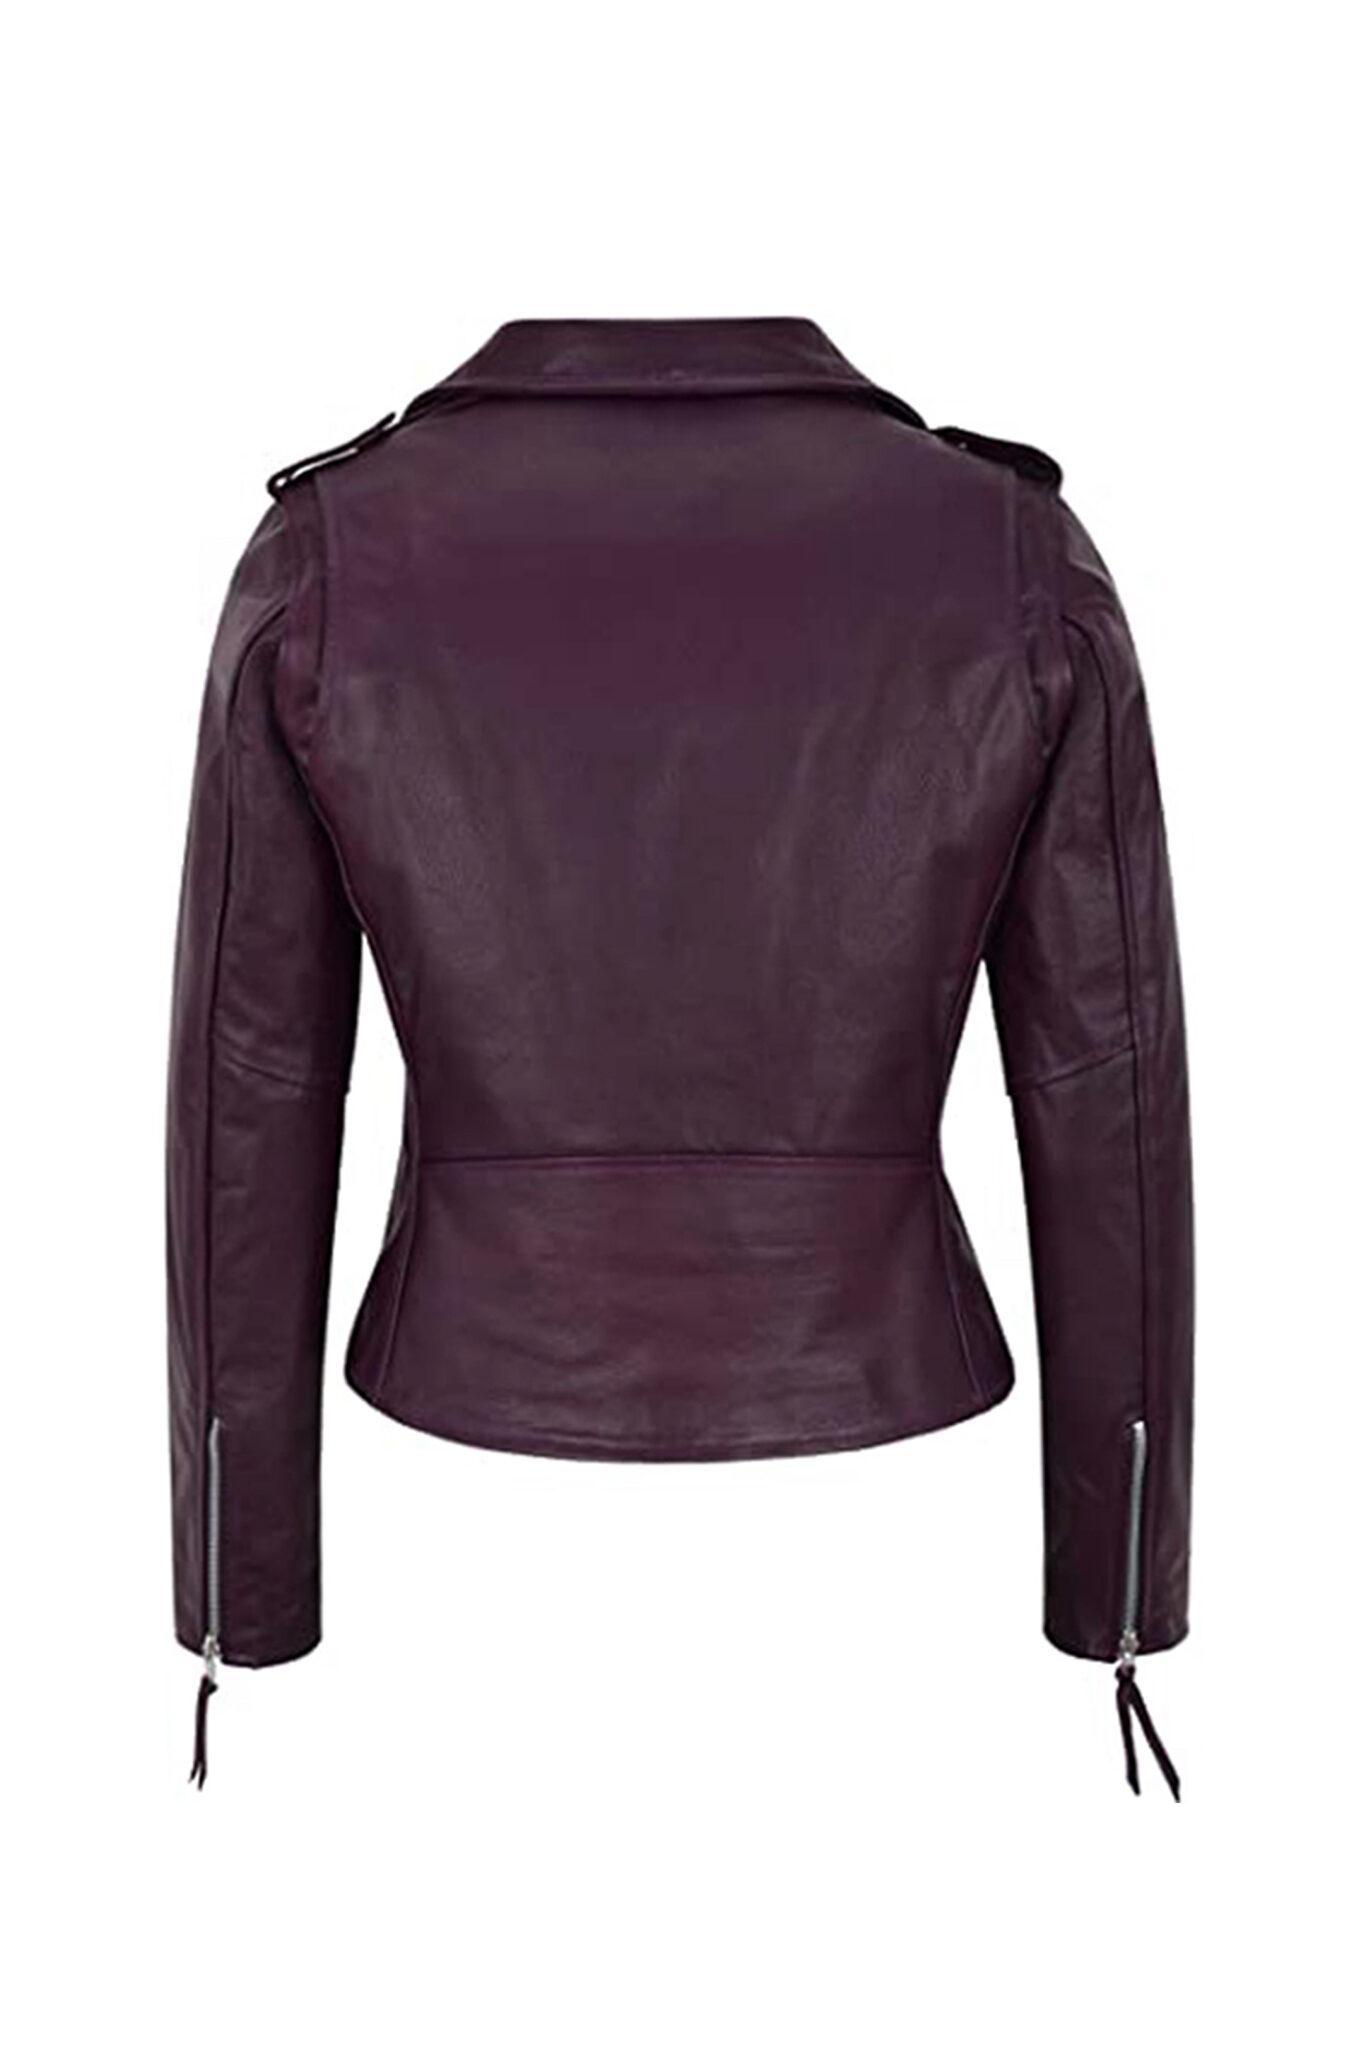 Women's Burgundy Biker Motorcycle Sheepskin Leather Jacket=3